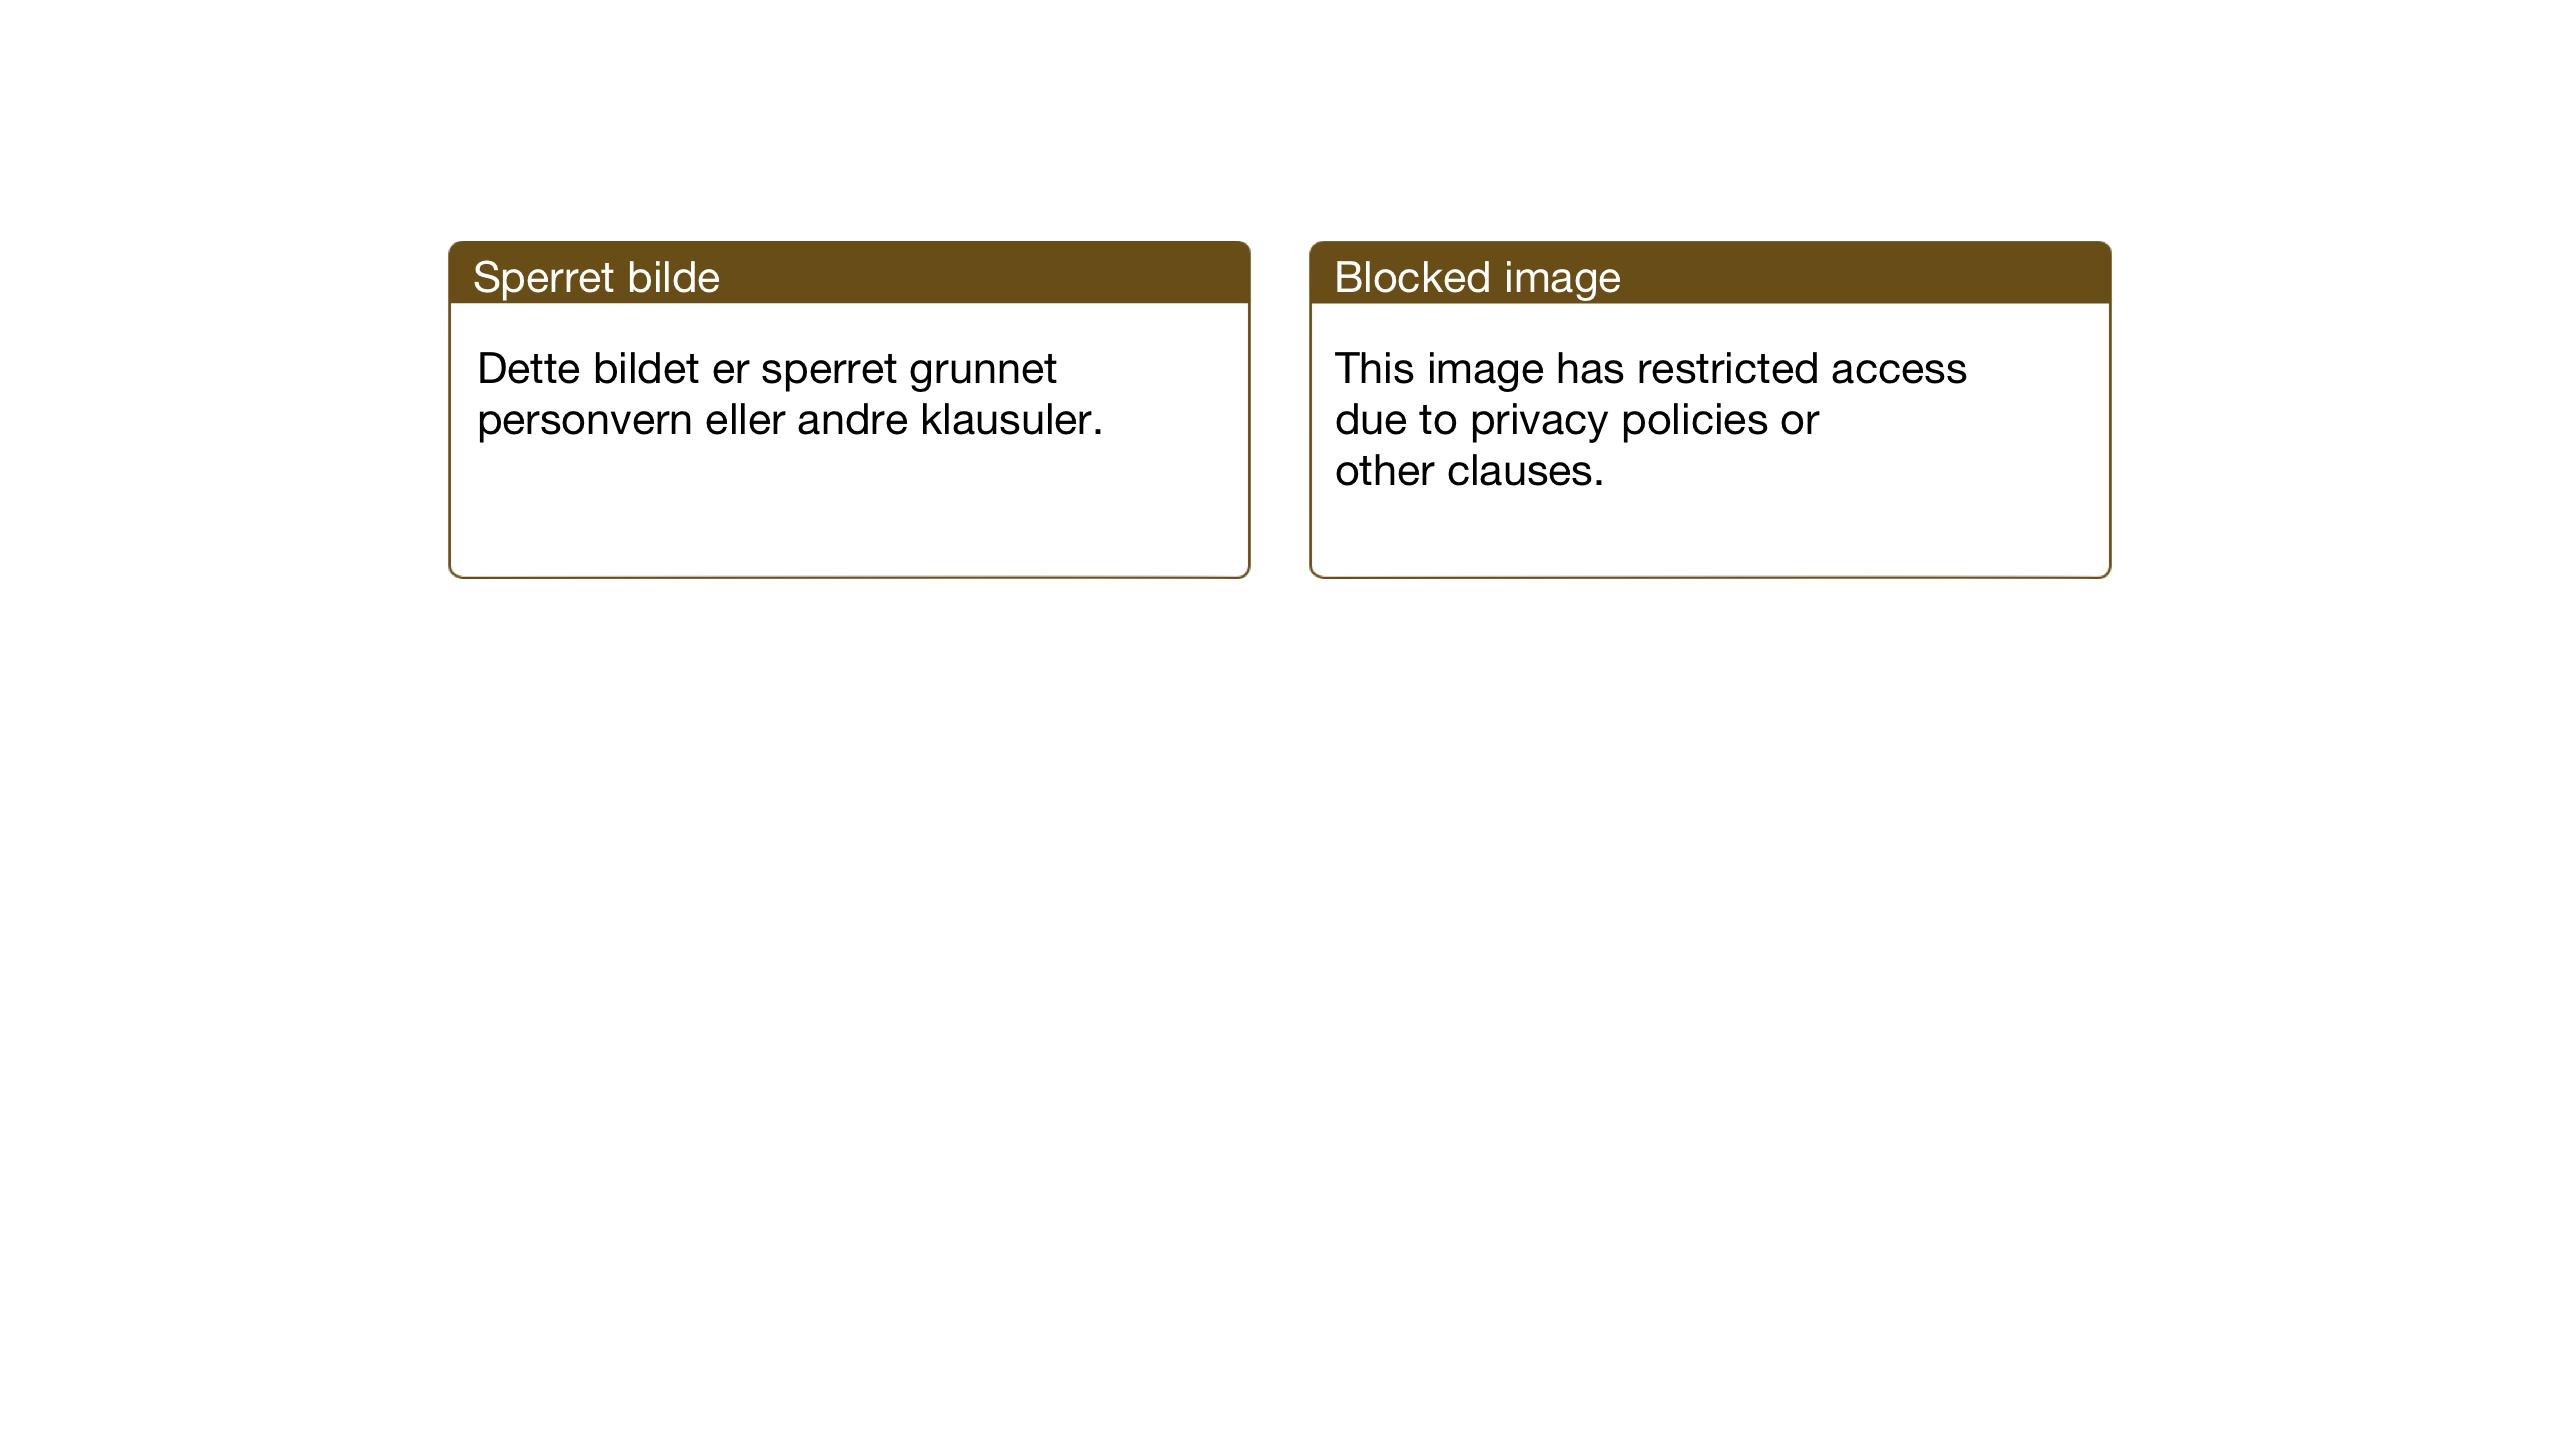 SAT, Ministerialprotokoller, klokkerbøker og fødselsregistre - Sør-Trøndelag, 630/L0508: Klokkerbok nr. 630C06, 1933-1950, s. 166